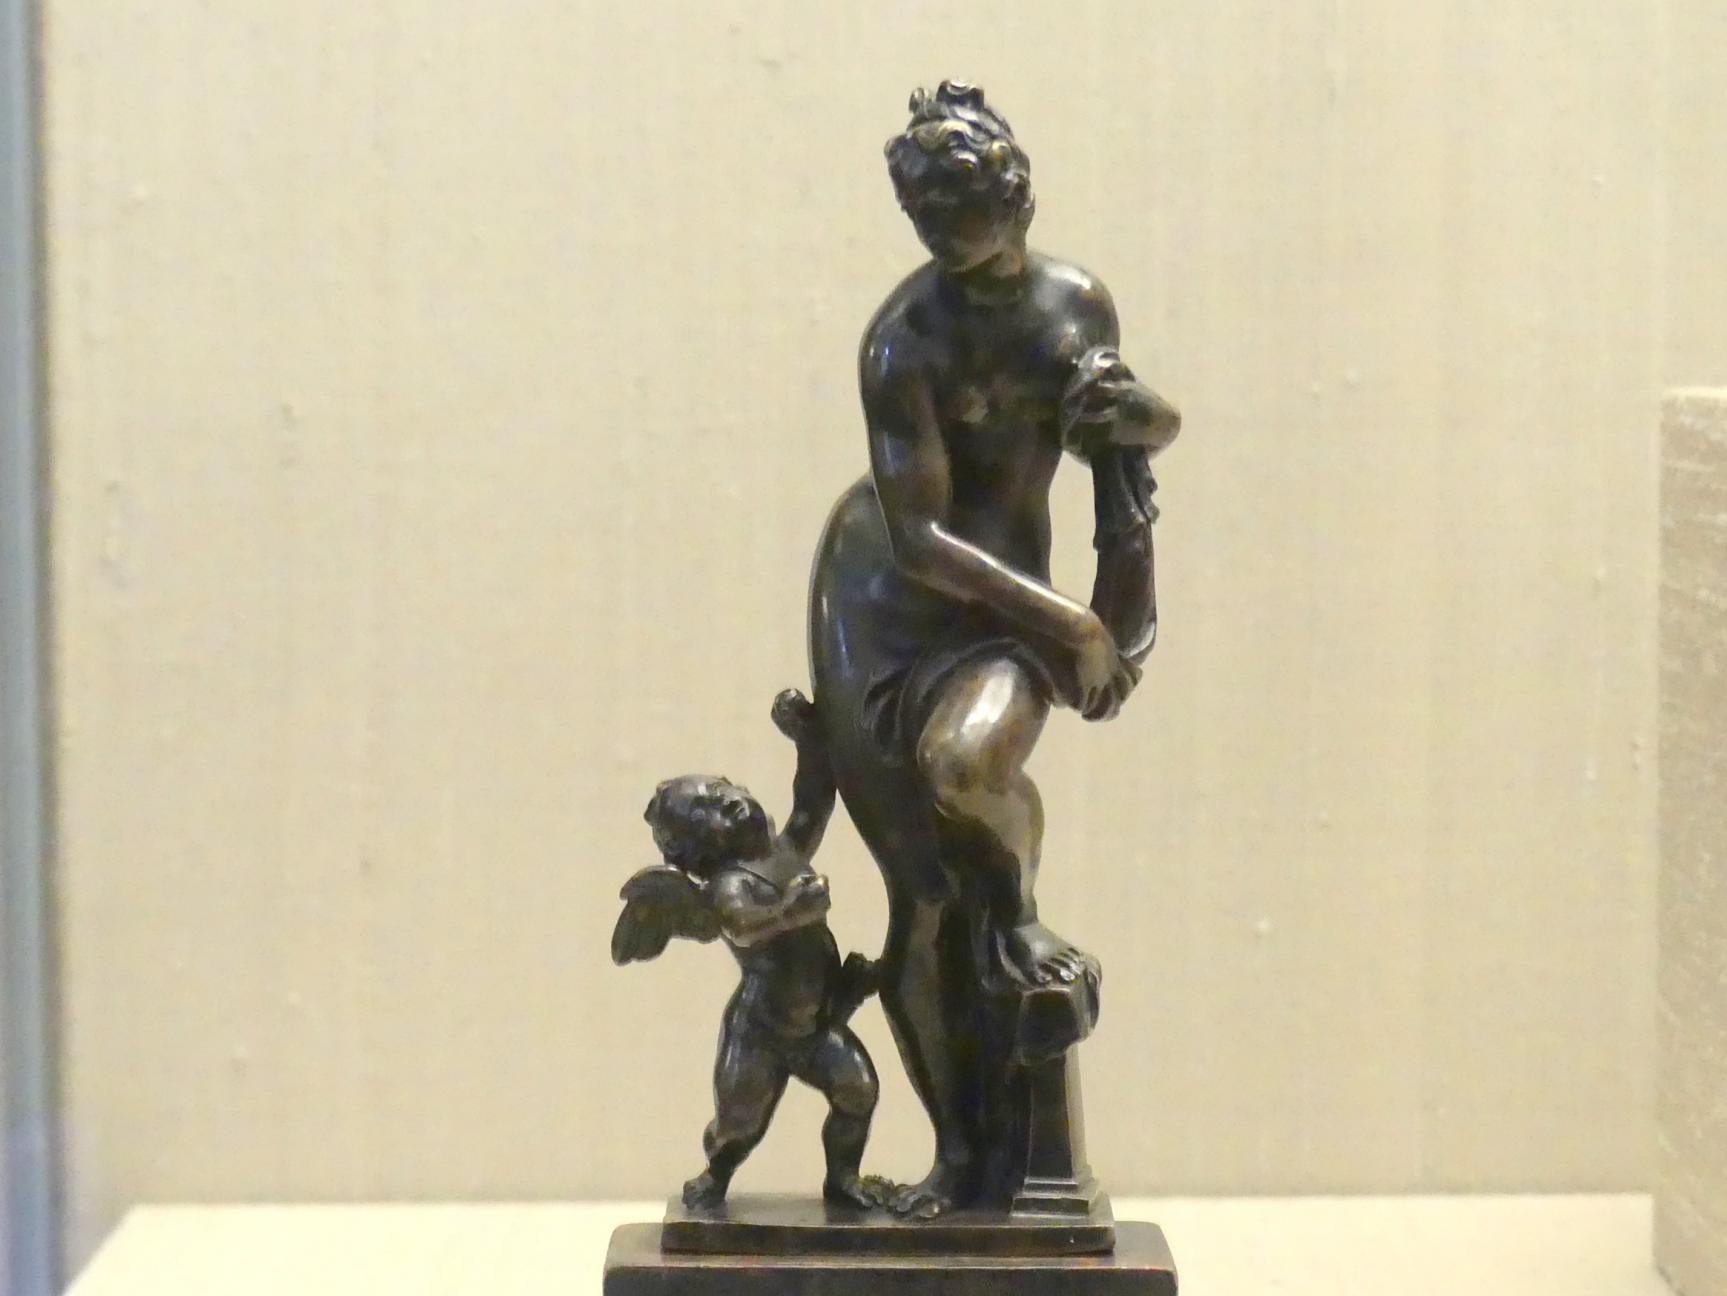 Giovanni Francesco Susini: Venus und Amor, um 1600, Bild 1/3